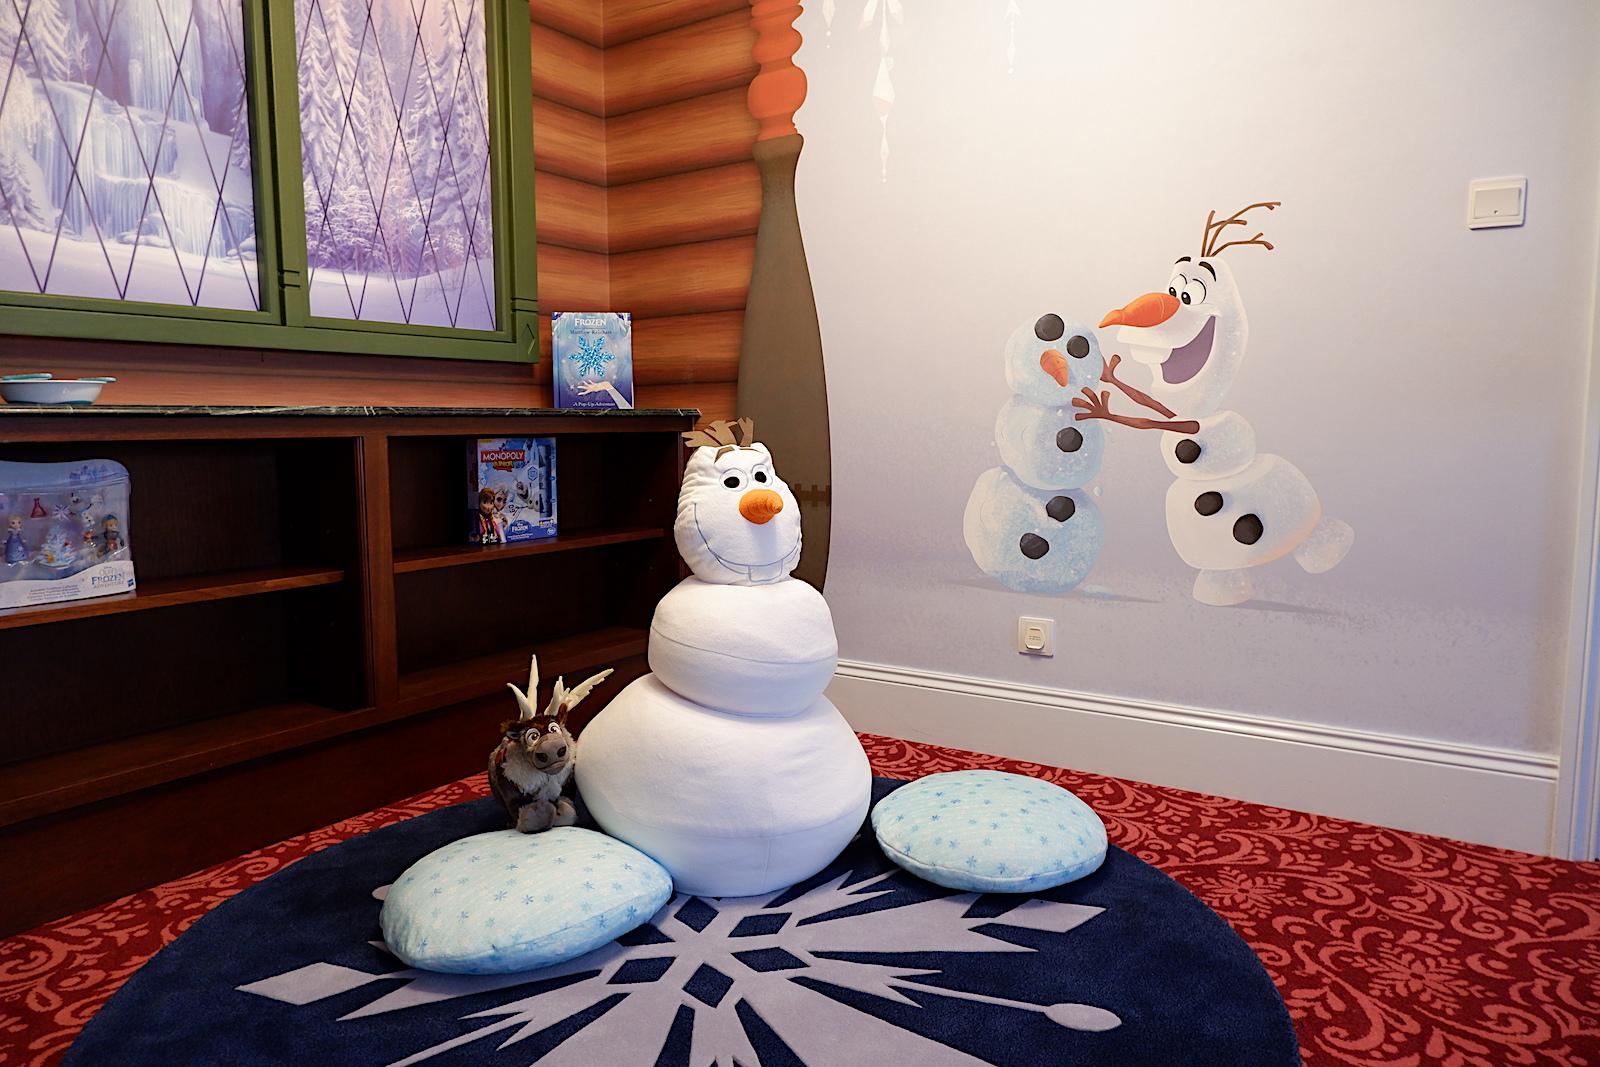 写真多数 アナと雪の女王 のスイートルームが香港ディズニーリゾートにある どこもかしこもアナ雪ワールド全開で悶絶級の可愛さです Pouch ポーチ